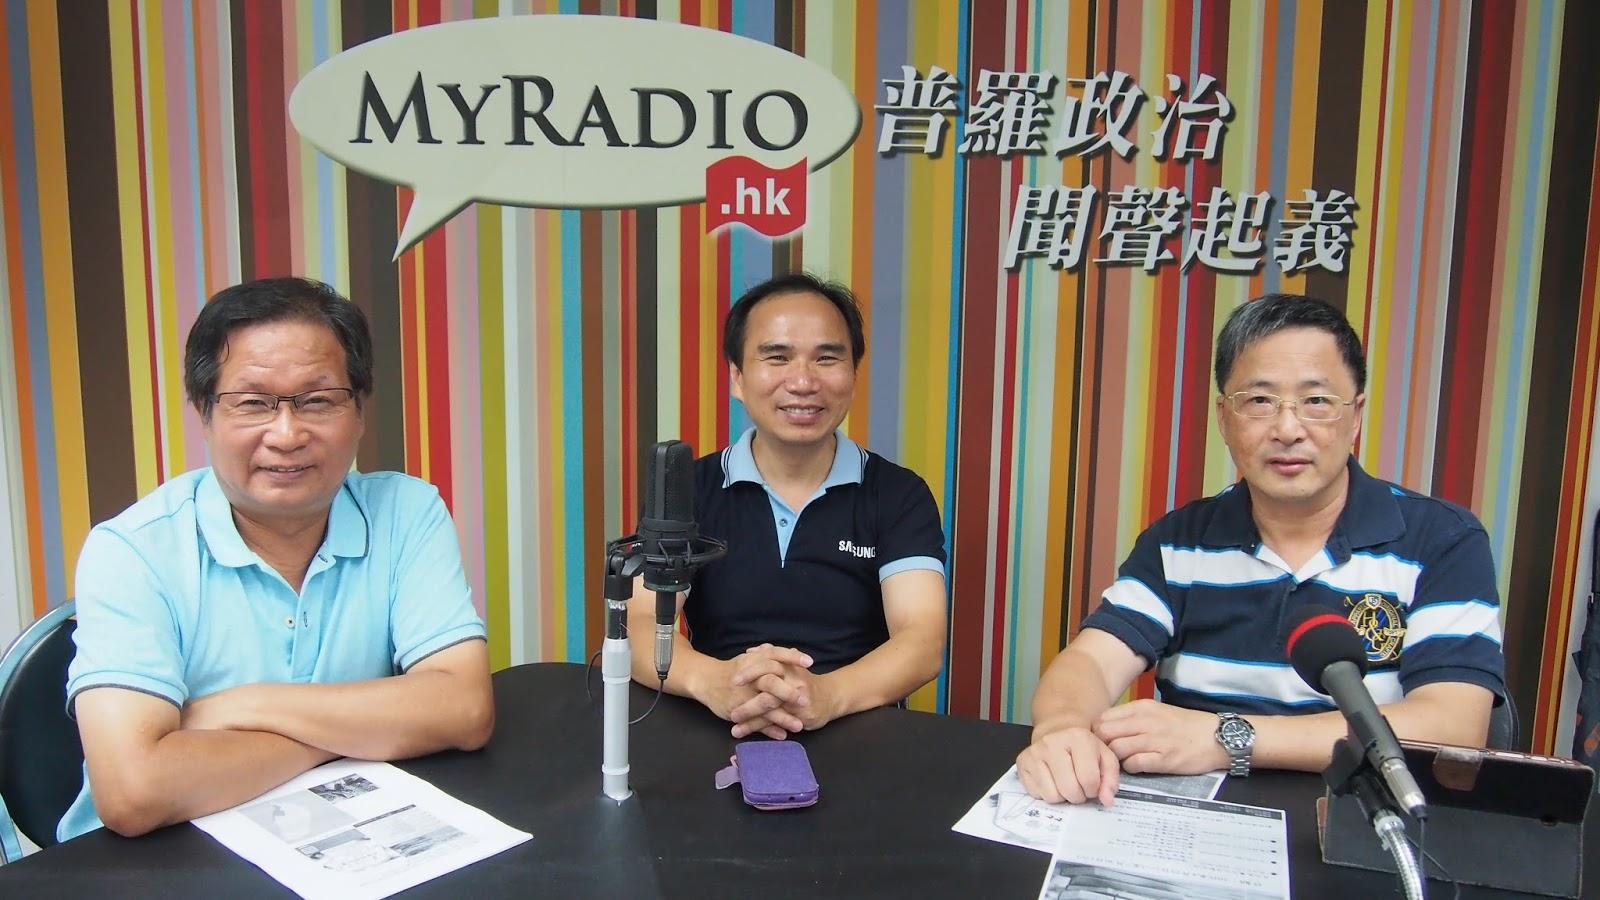 MyRadio.HK 臺務網誌: 天天天藍 160711 ep170